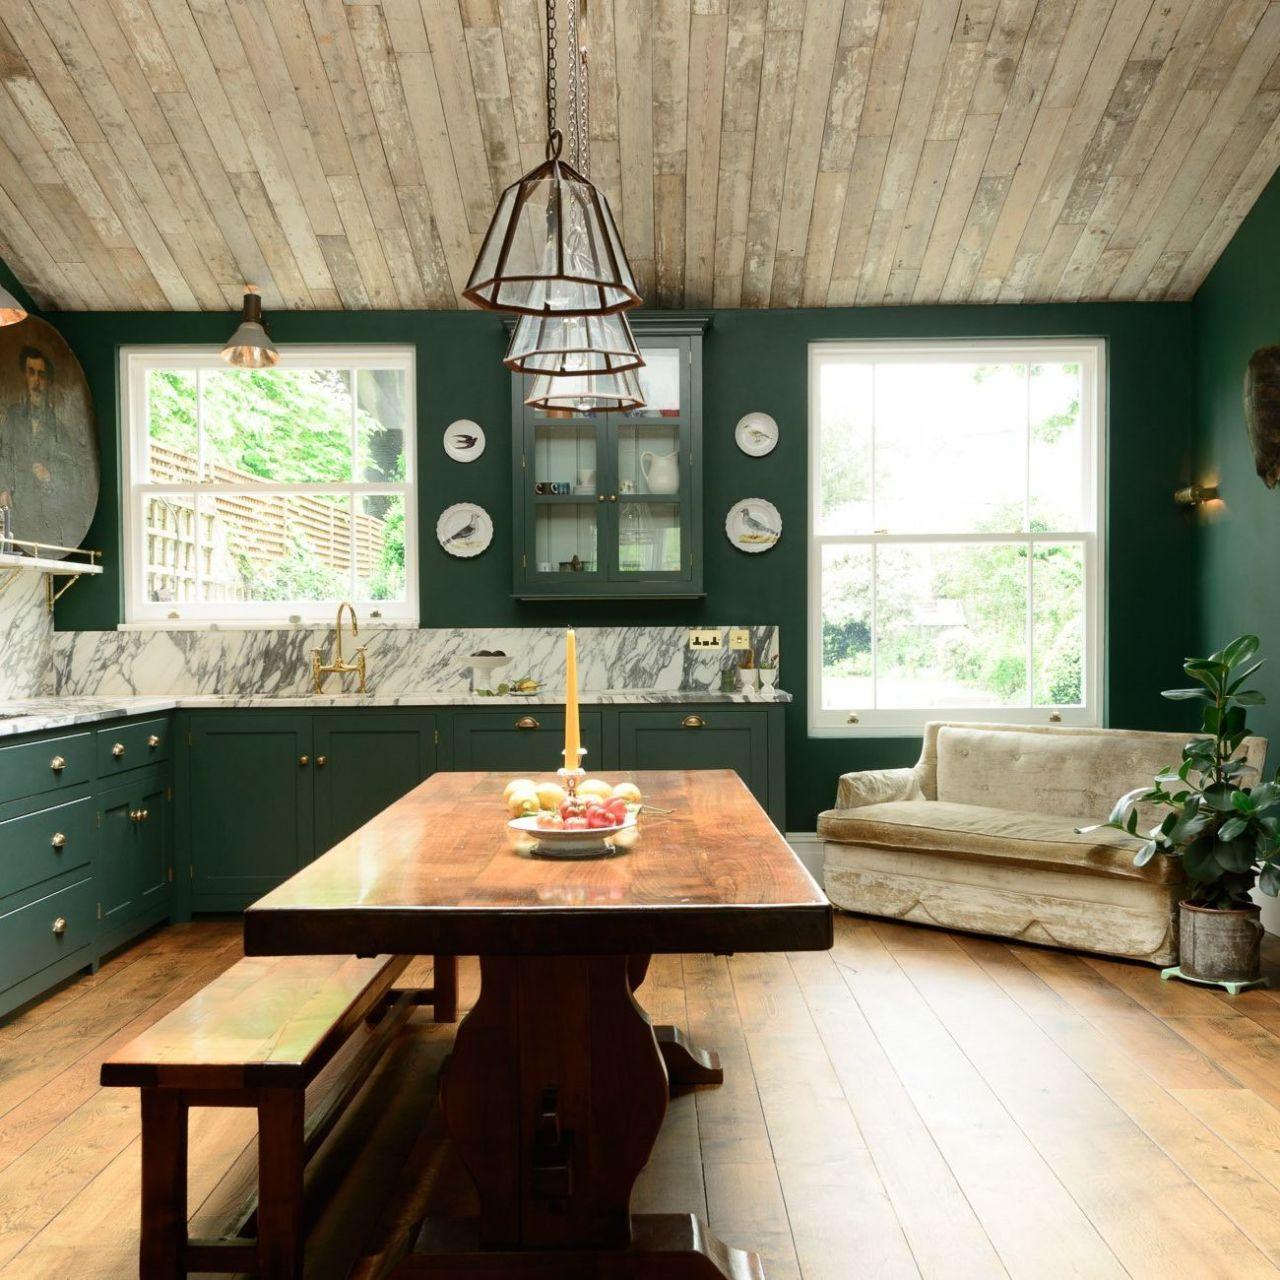 10 Modern Rustic Decor Ideas For A 21st Century Farmhouse